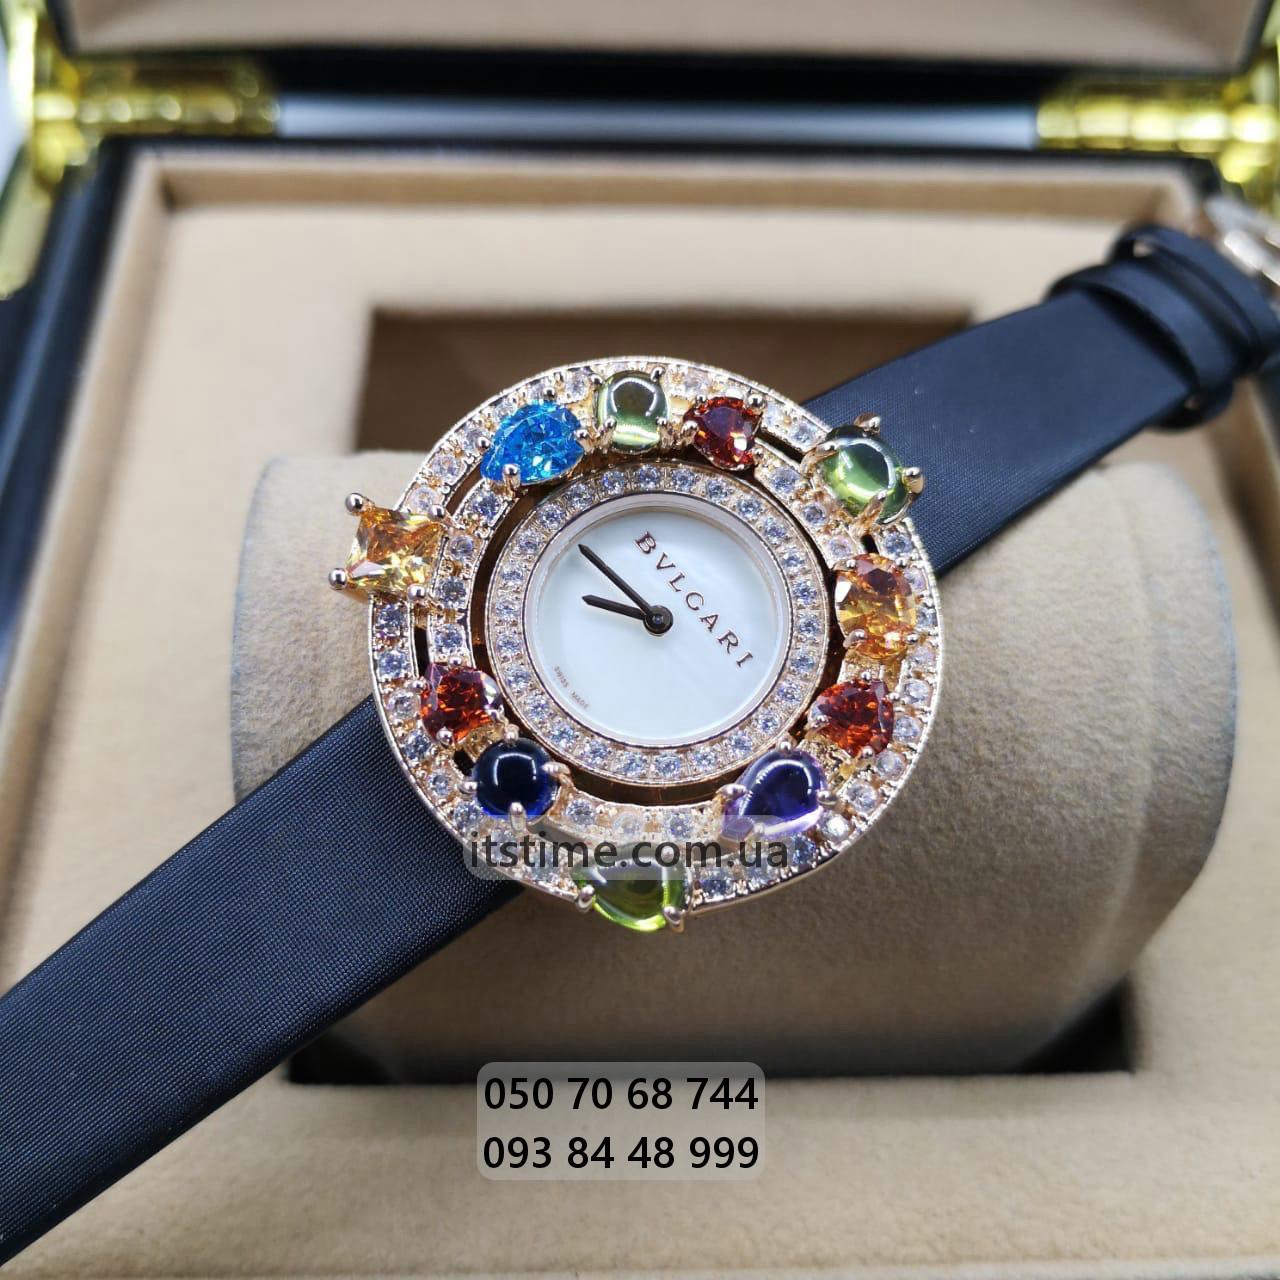 Часы булгари продать стоимость работы океанариум воронеж часы